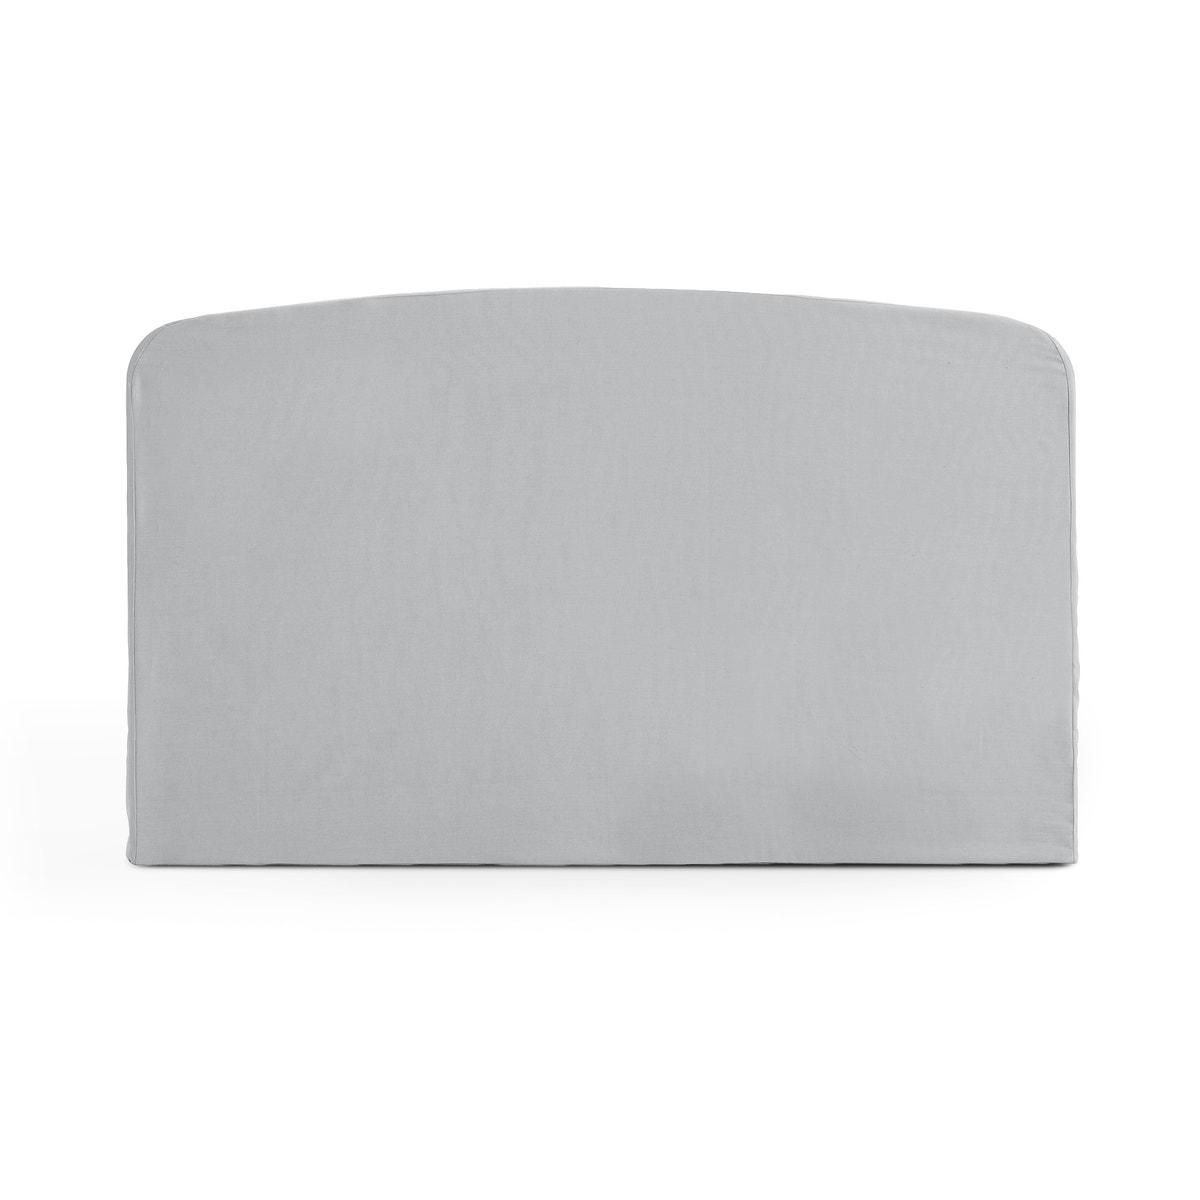 Κάλυμμα για κεφαλάρι σπιτι   κρεβατοκάμαρα   προστατευτικά καλύμματα